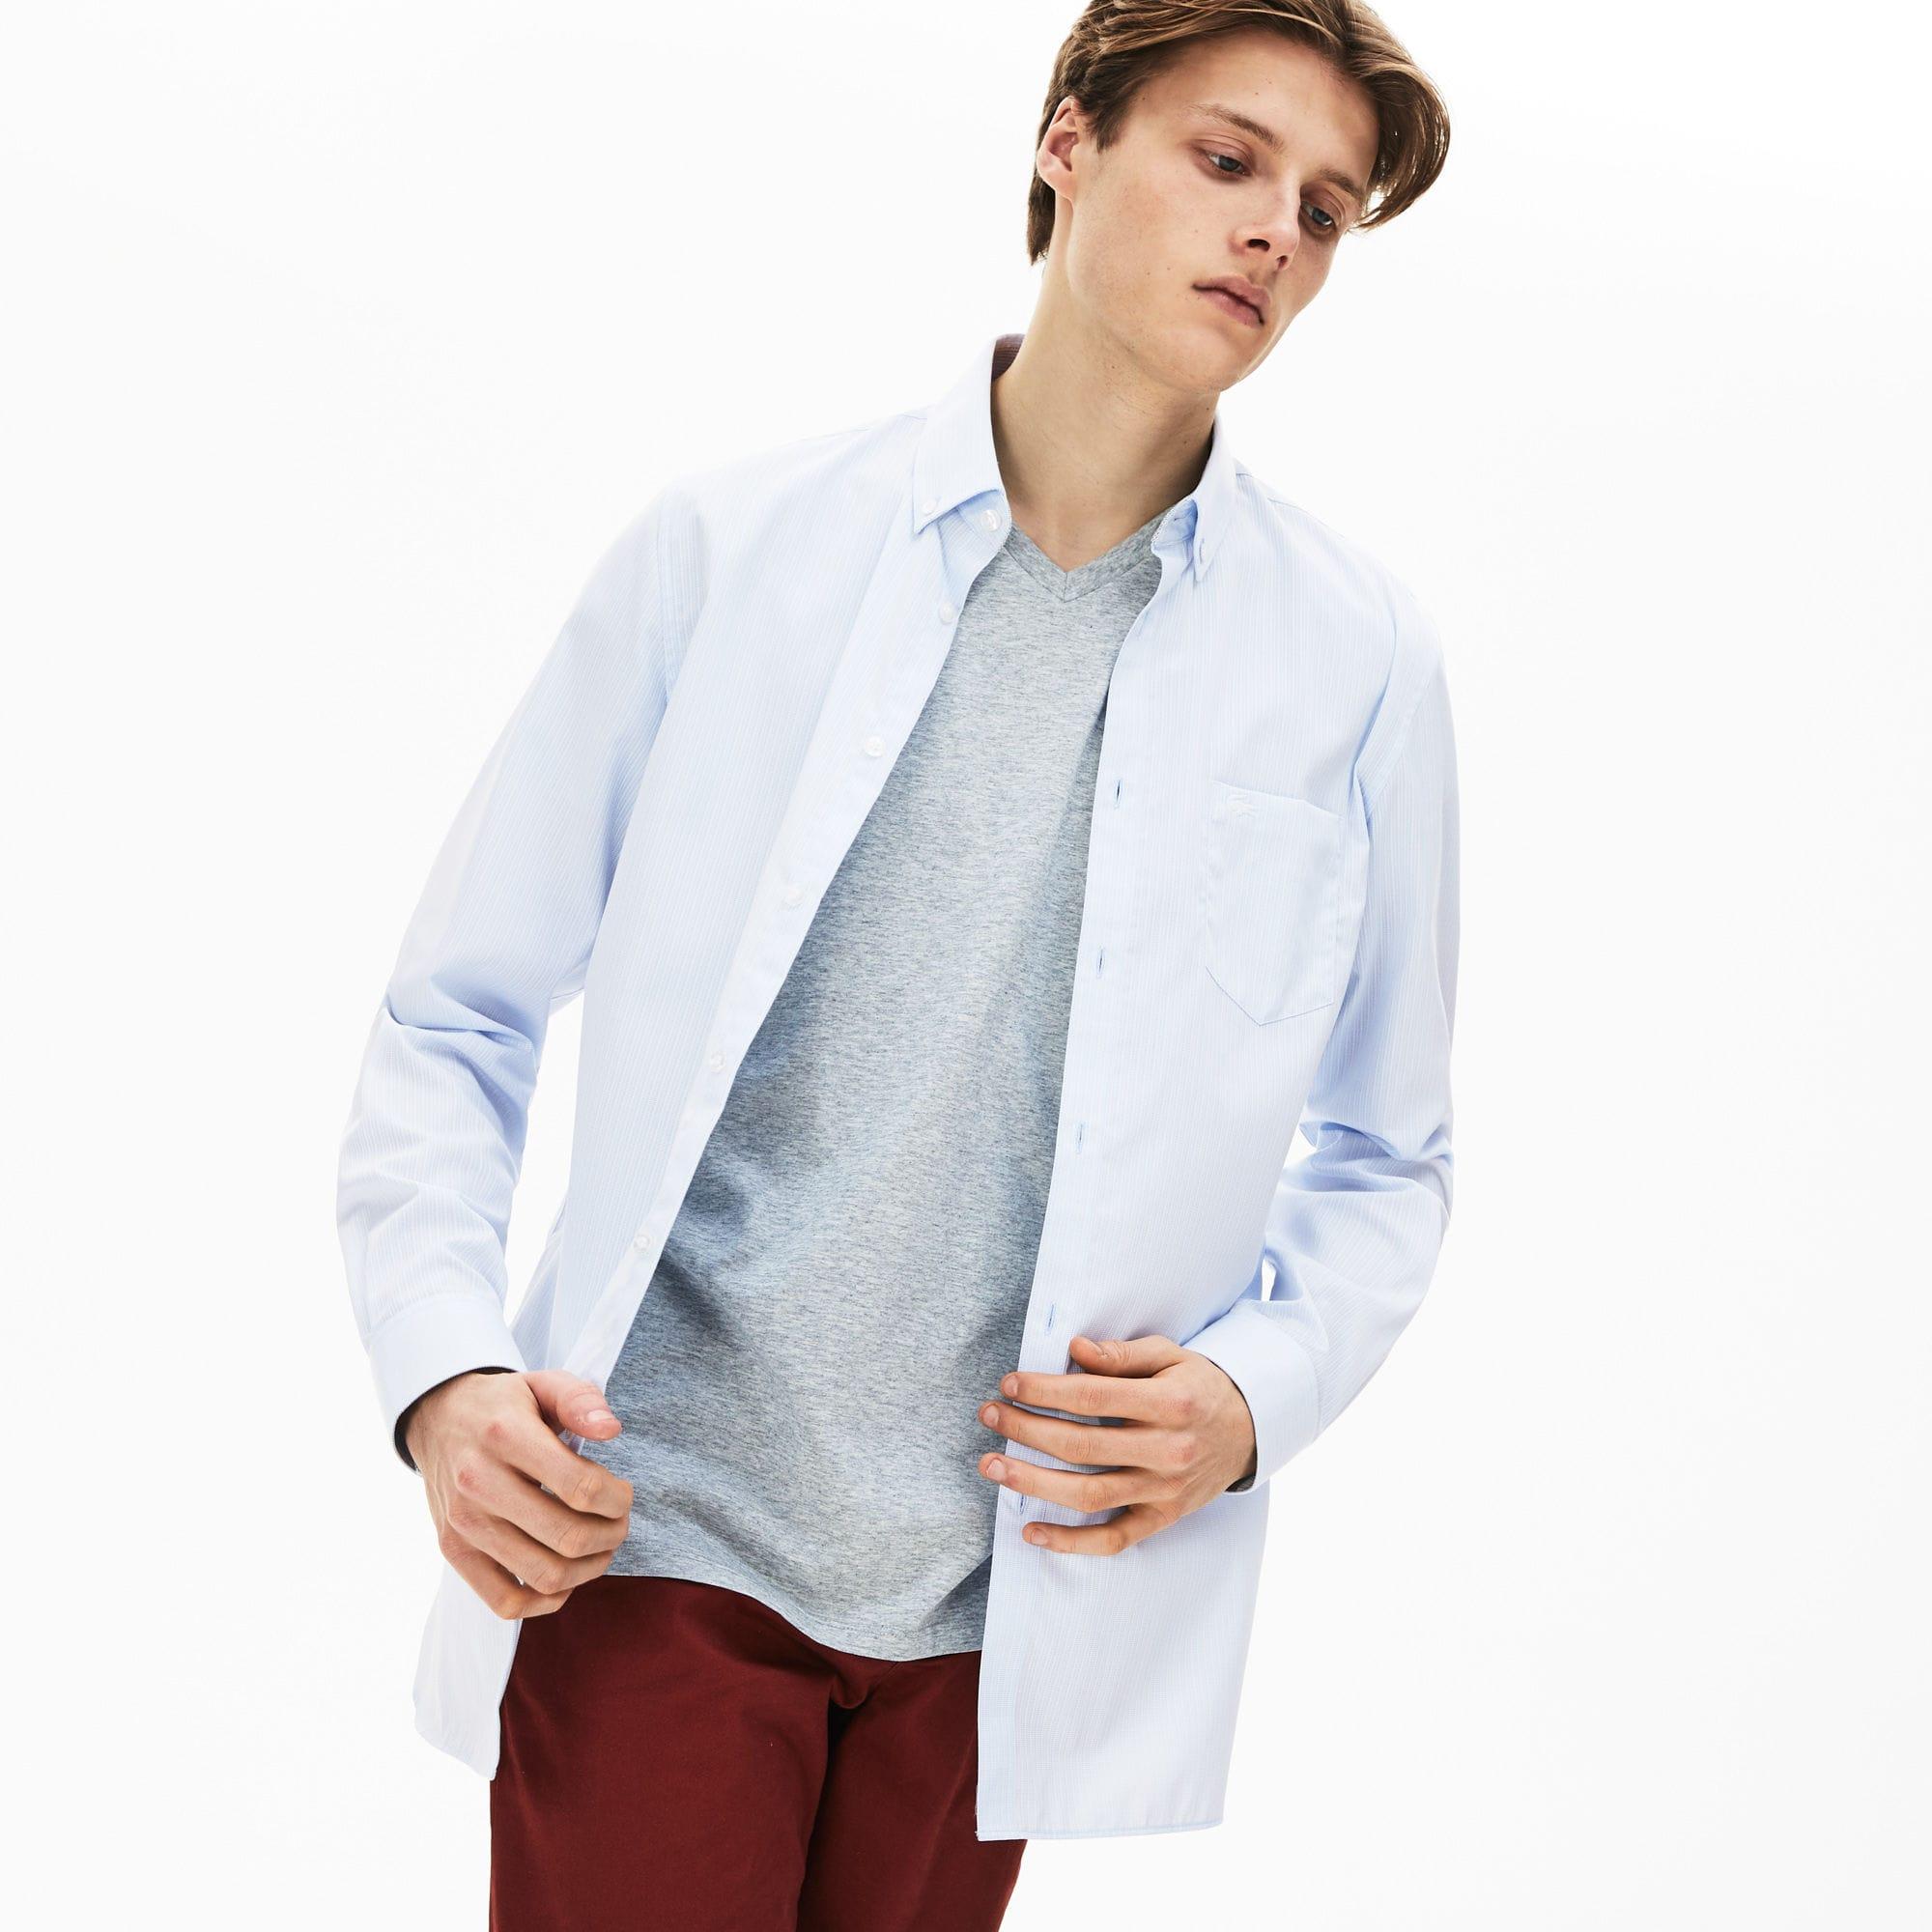 Рубашка LacosteРубашки<br>Детали: воротник button-down;\Выполнена из натурального и экологичного хлопка;\В полоску;\Карман на груди;\Вышитый логотип Lacoste в тон изделия\Материал:100% хлопок